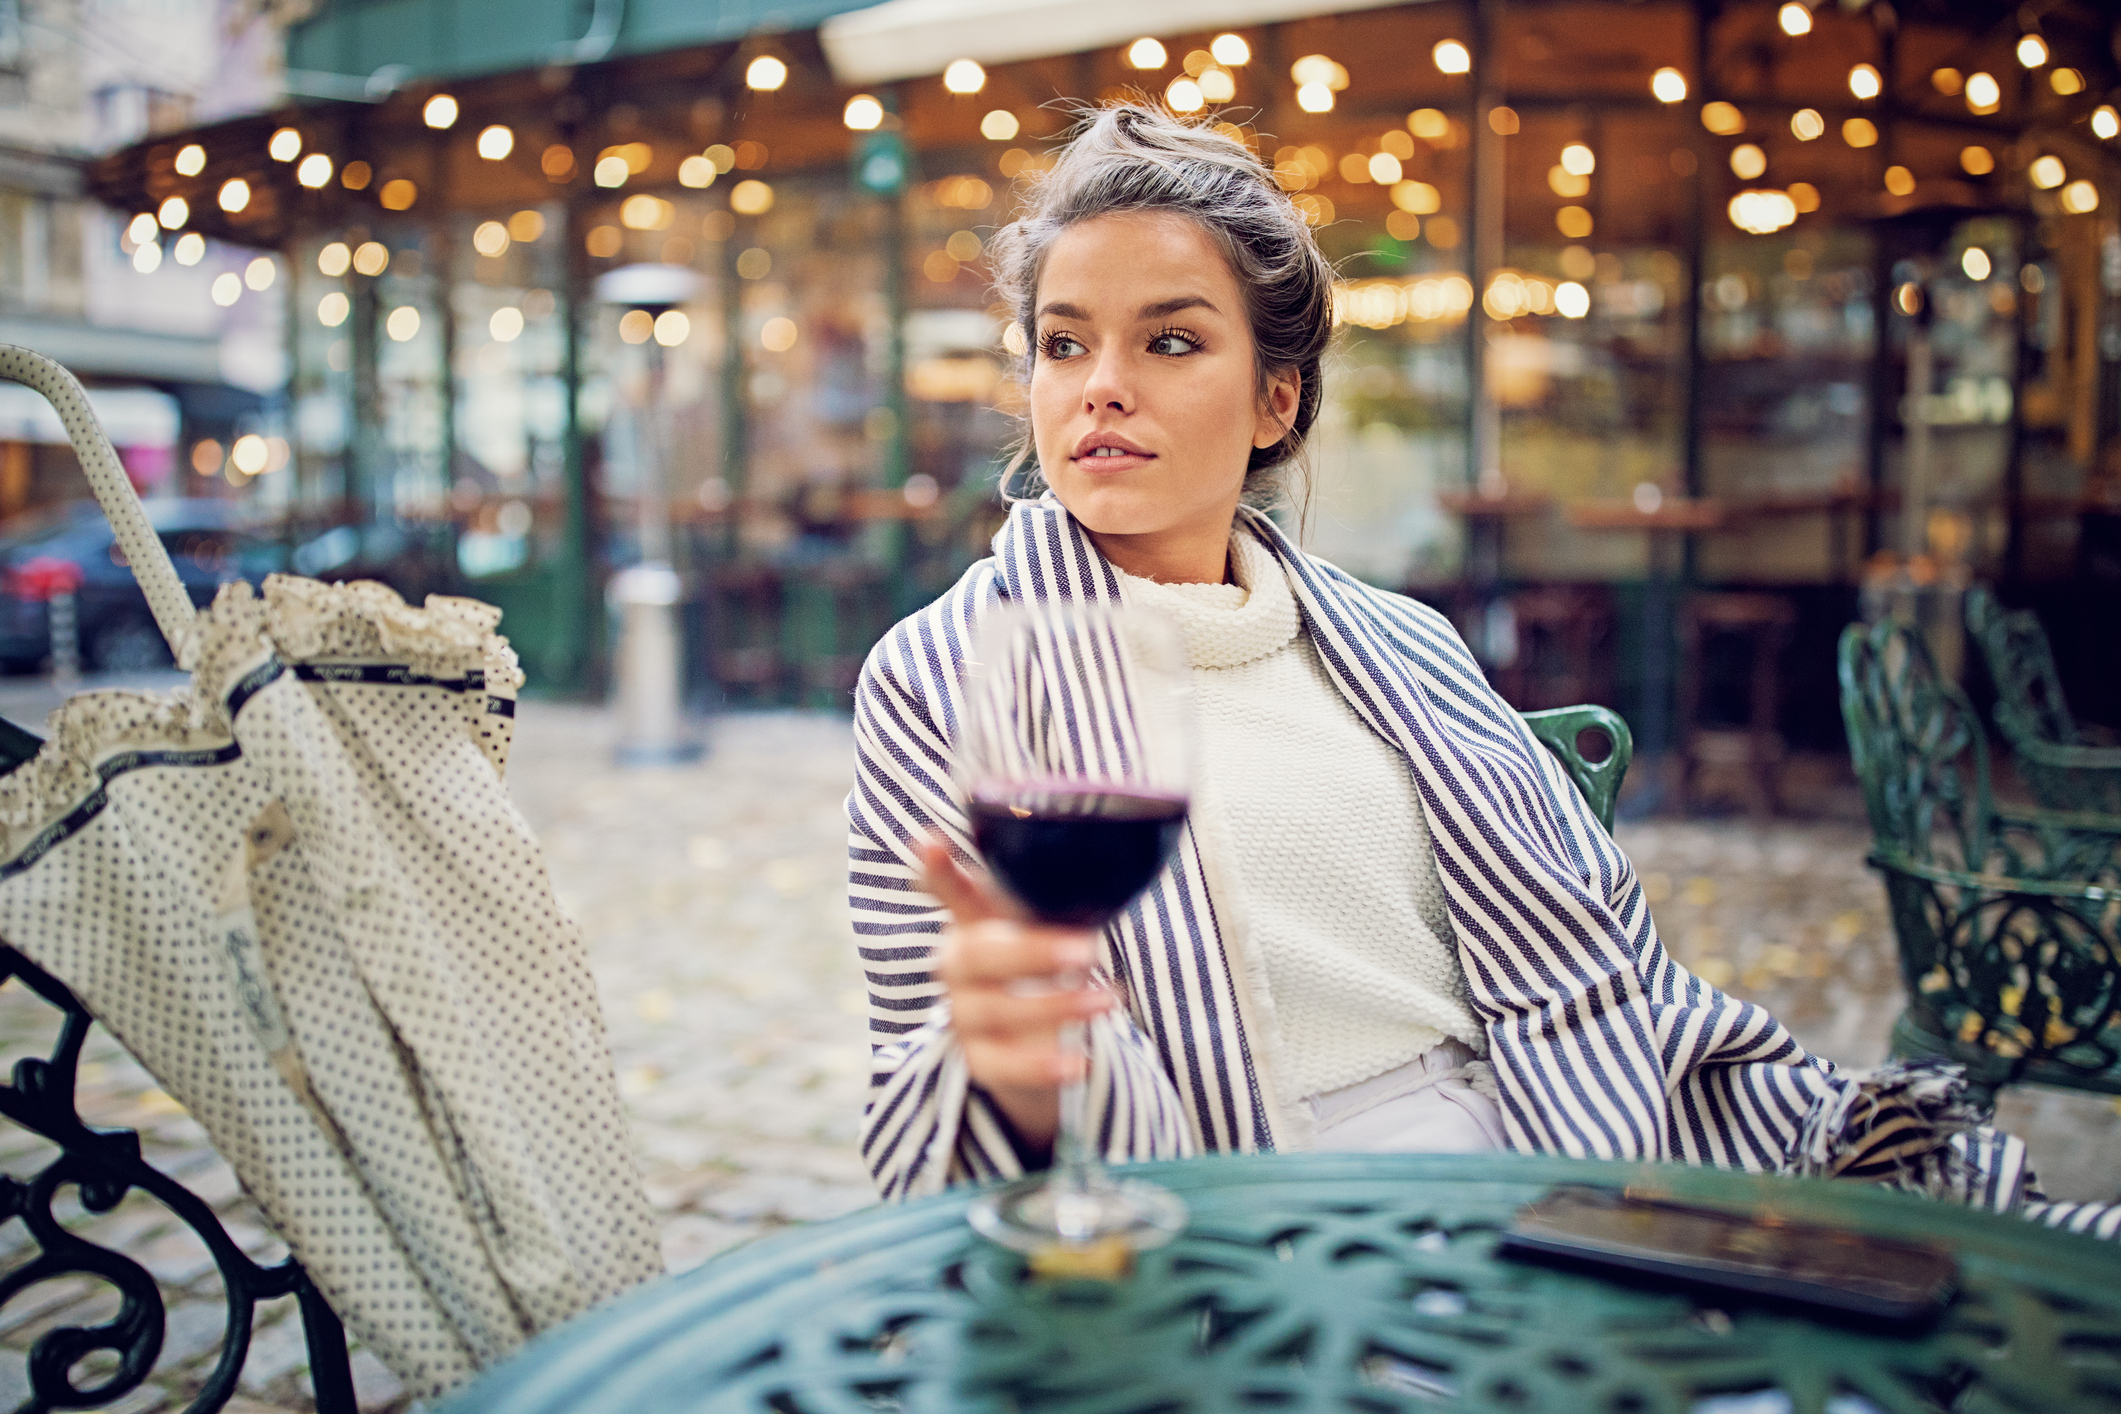 donna beve vino in un bistrot